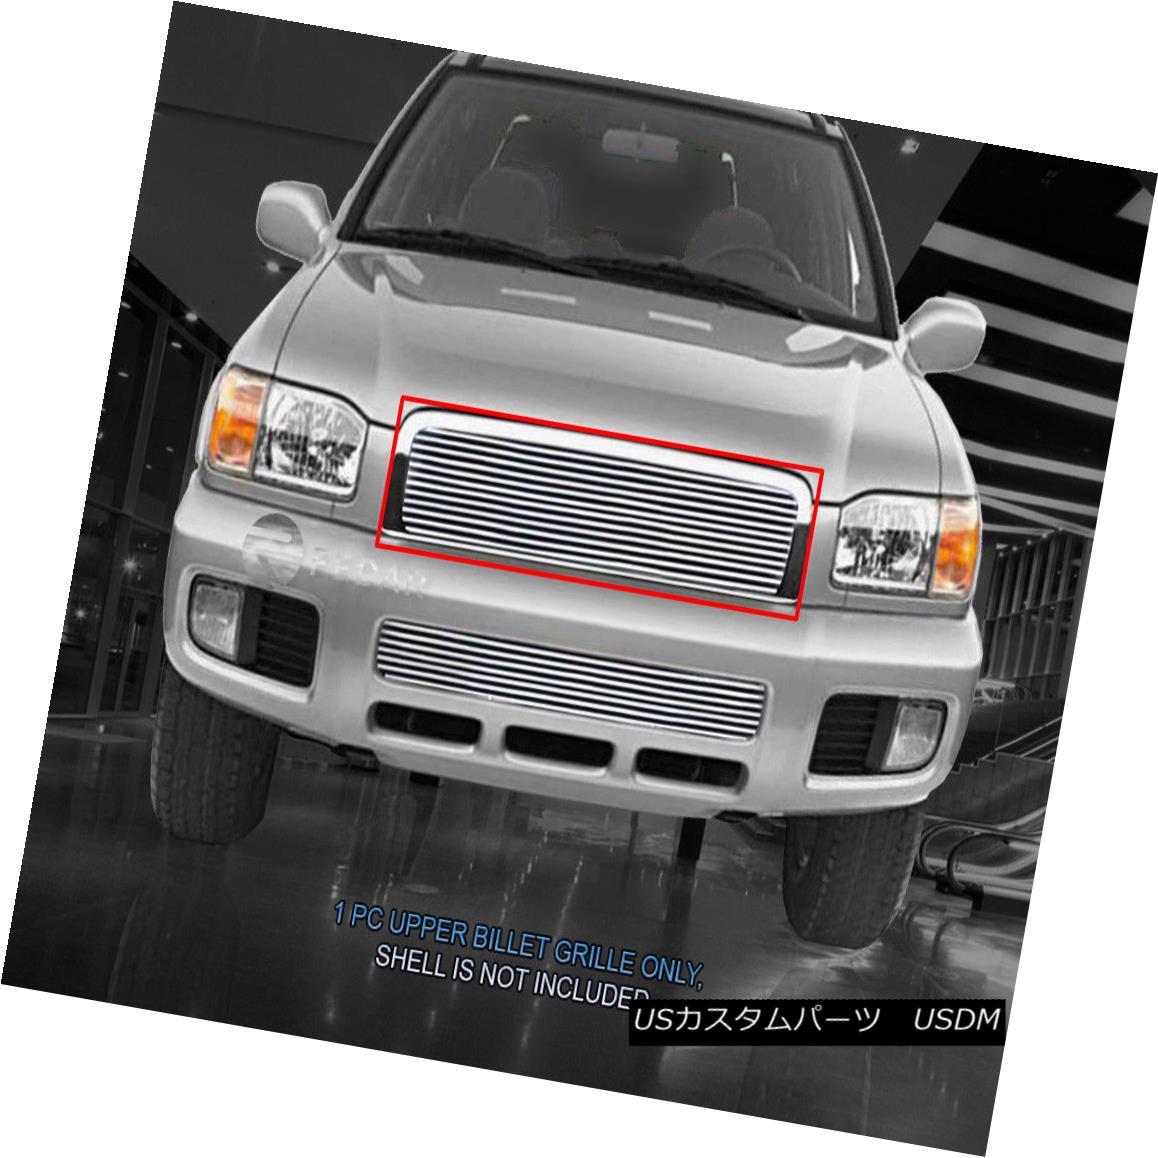 グリル Fedar Fits 00-01 Nissan Pathfinder Polished Billet Grille Overlay Fedar Fits 00-01日産パスファインダポリッシュビレットグリルオーバーレイ